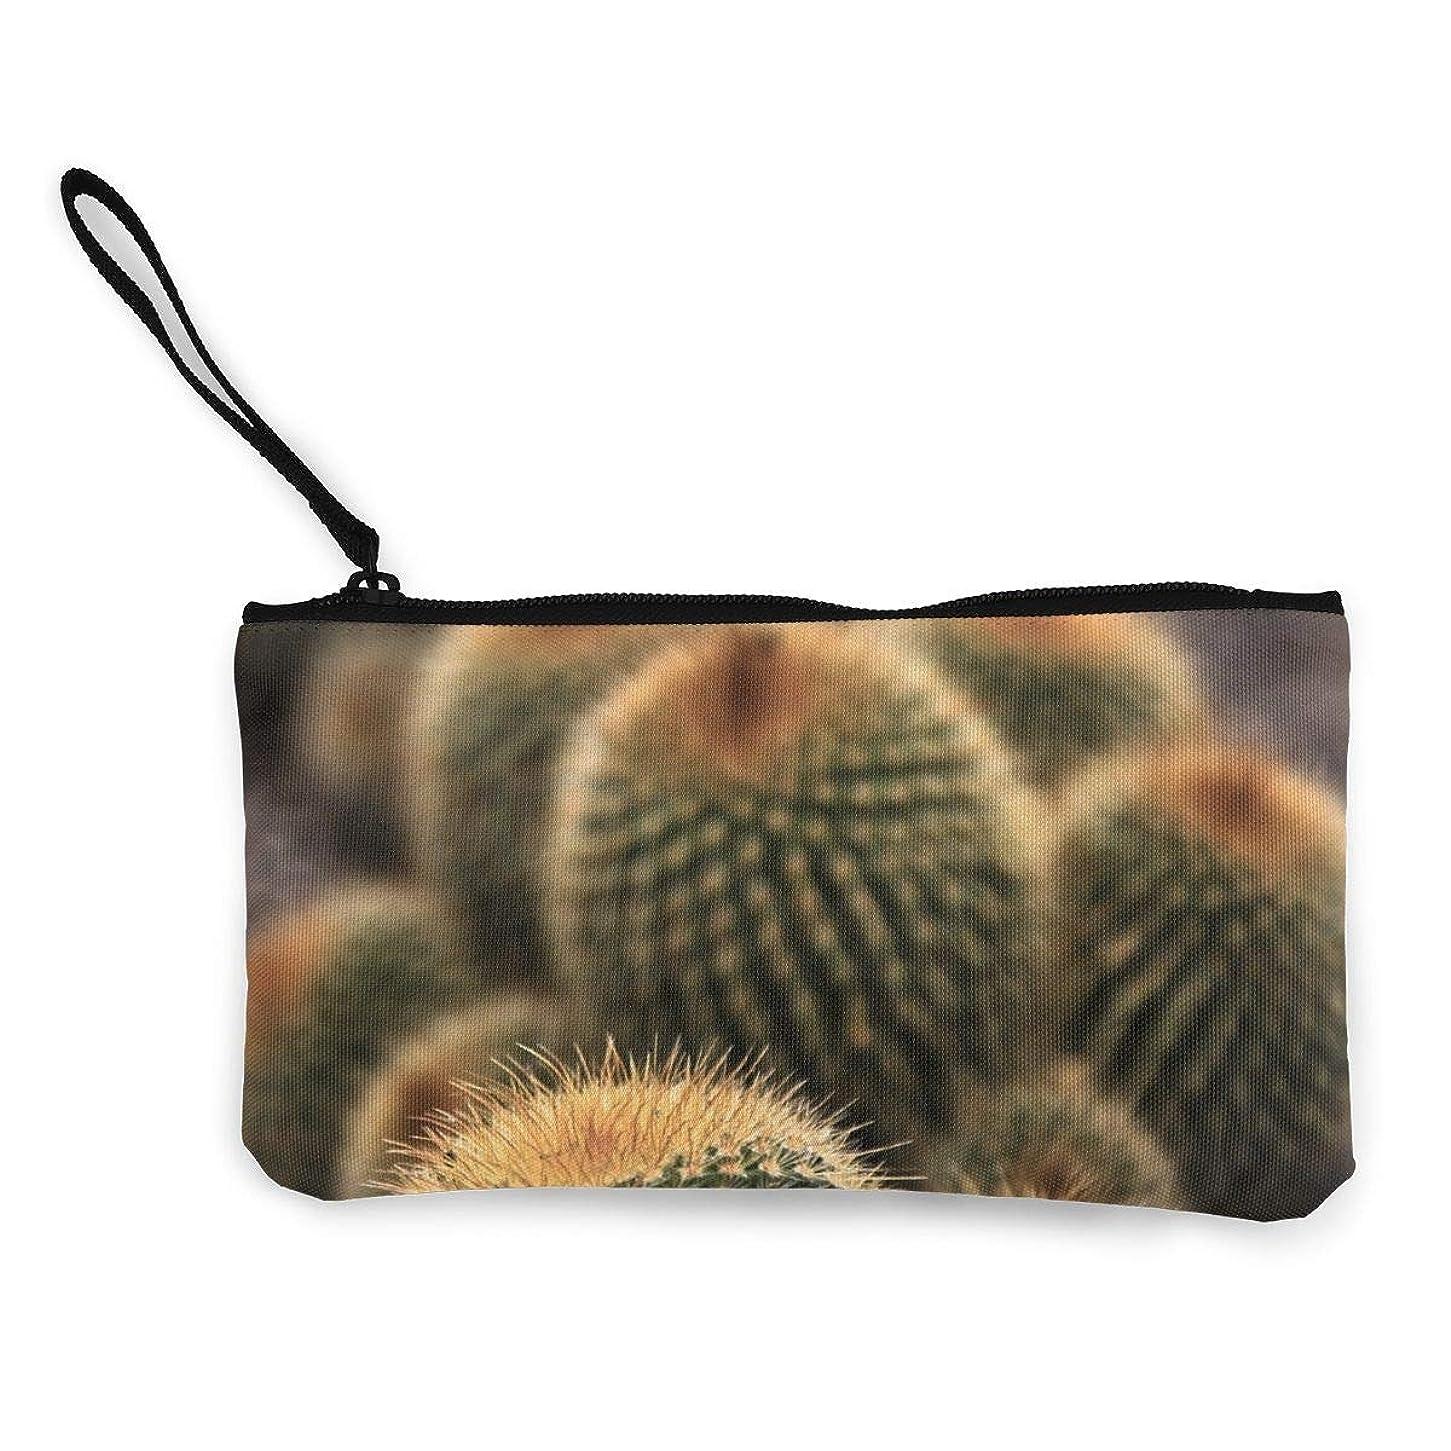 放映サービス日記ErmiCo レディース 小銭入れ キャンバス財布 もっこもこサボテン 小遣い財布 財布 鍵 小物 充電器 収納 長財布 ファスナー付き 22×12cm